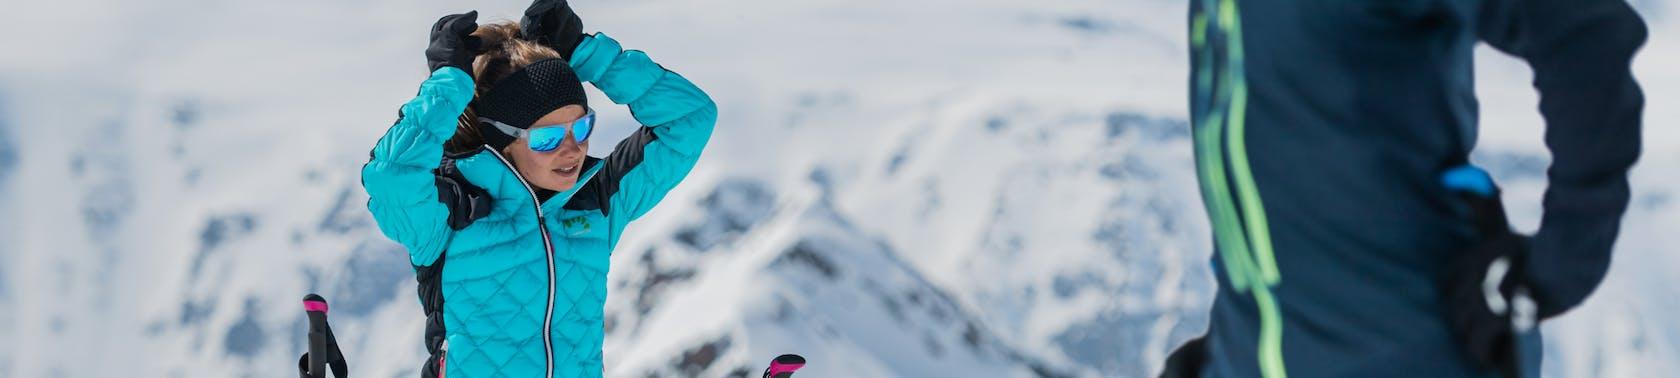 scialpinismo intimo sportivo e accessori